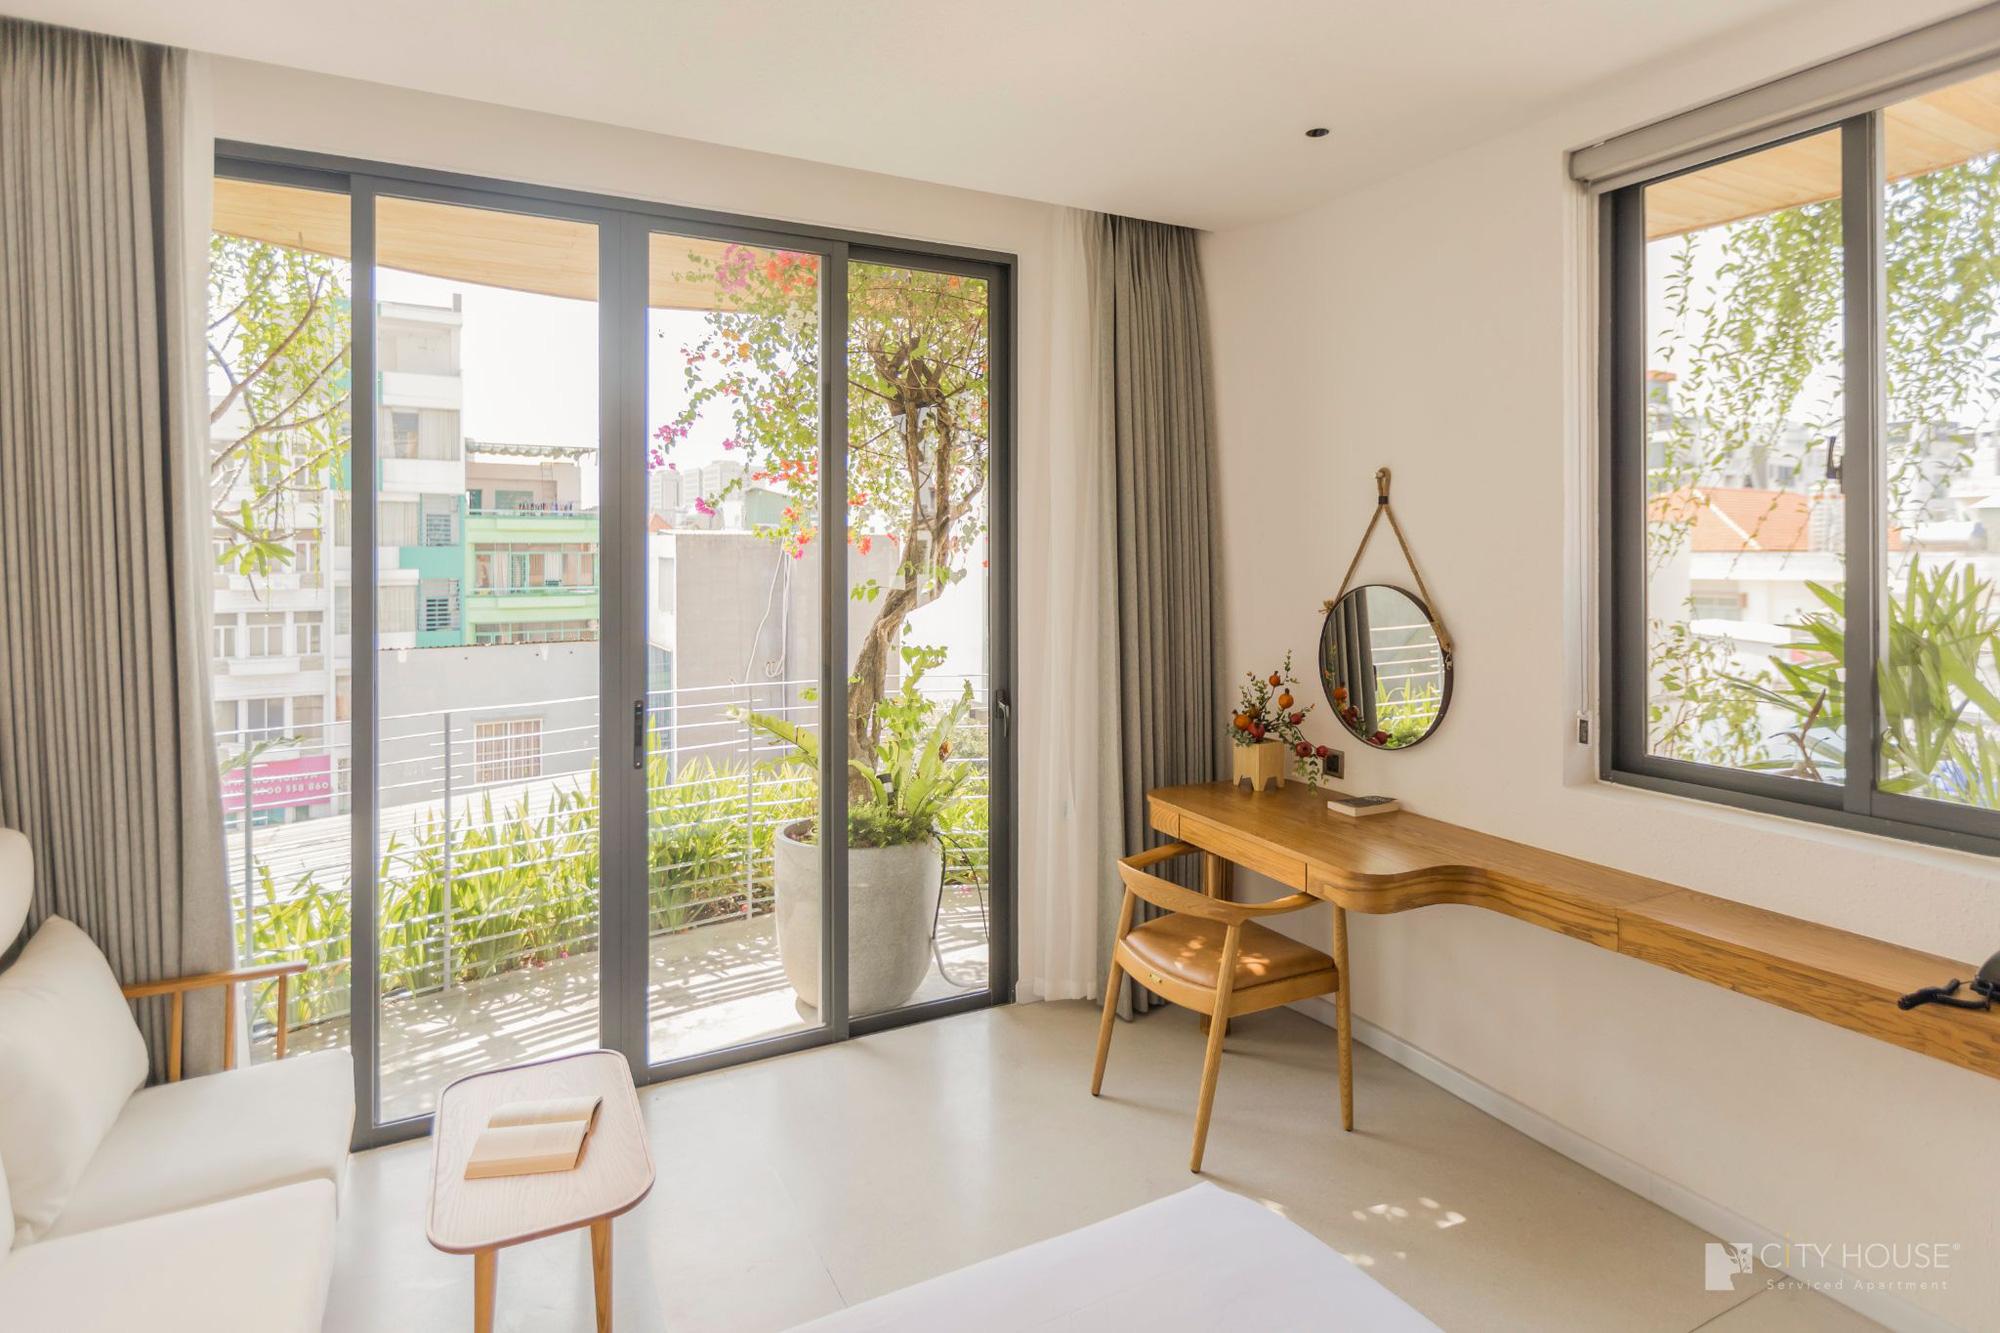 """Xuất hiện khách sạn ngay trung tâm Sài Gòn mà cứ ngỡ là resort nào đó ngoài biển, nhiều góc """"chill"""" xỉu lại chuẩn """"tropical vibe"""" - Ảnh 5."""